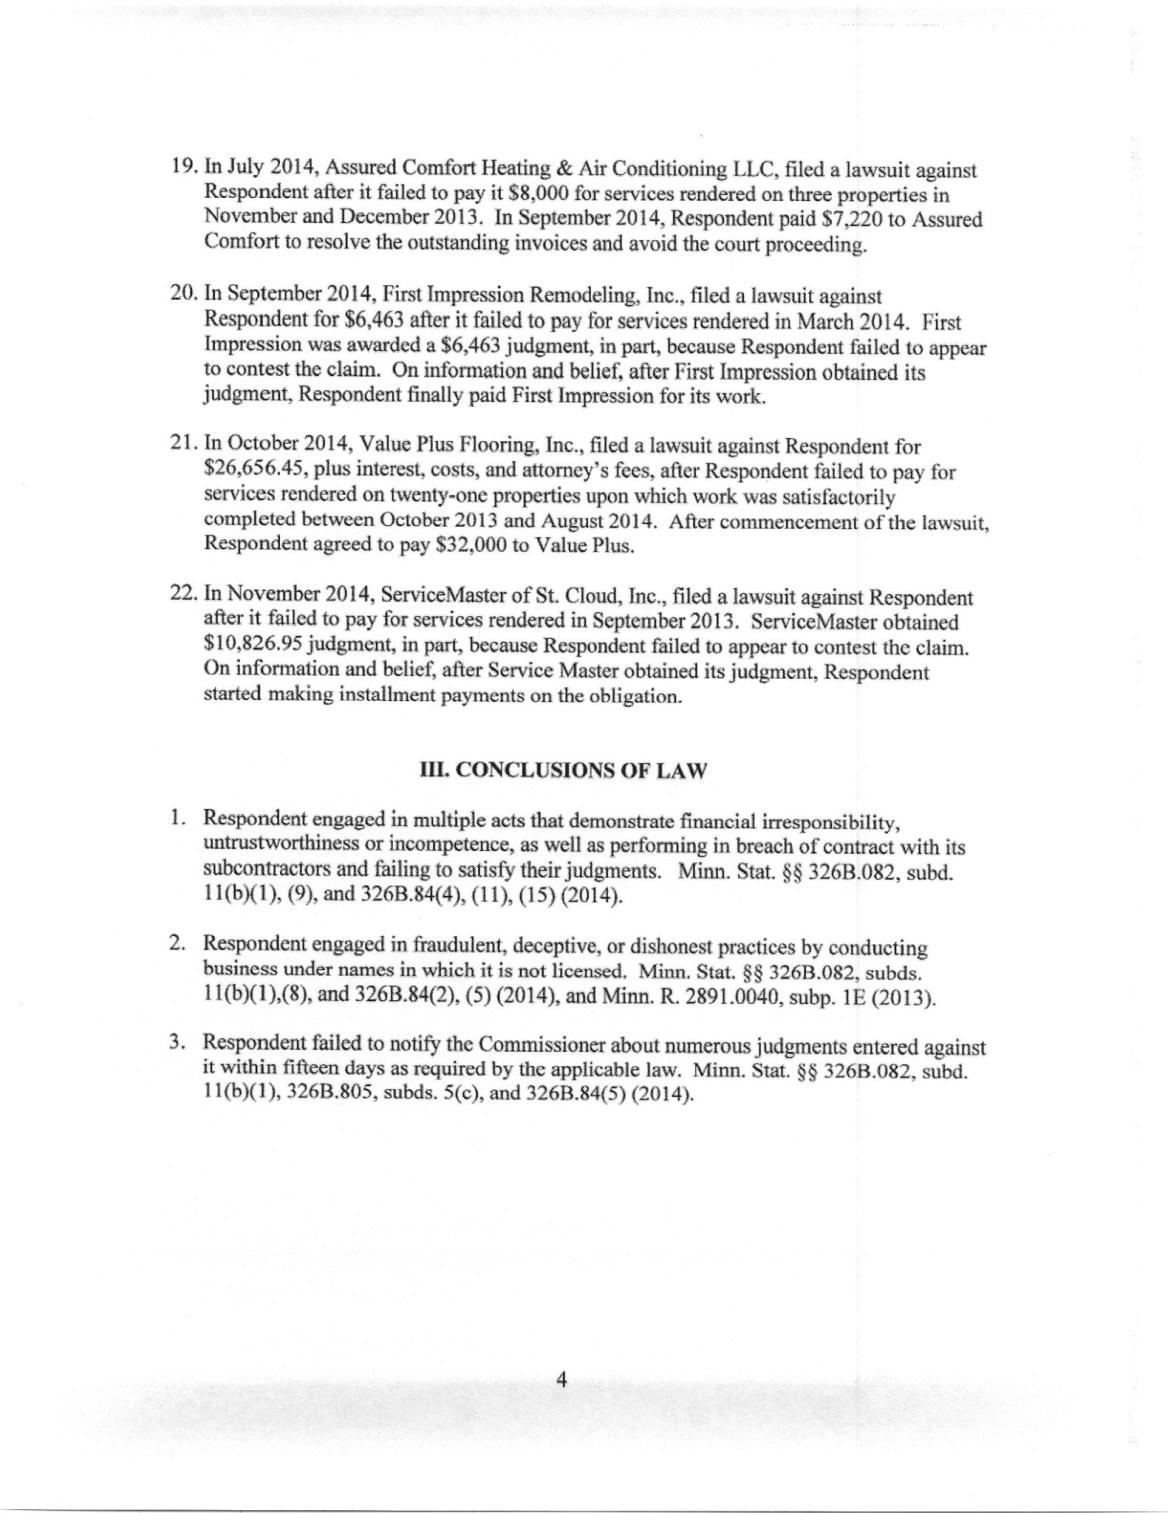 HOMESTAR MN LICENSE REVOCATION ORDER (5)